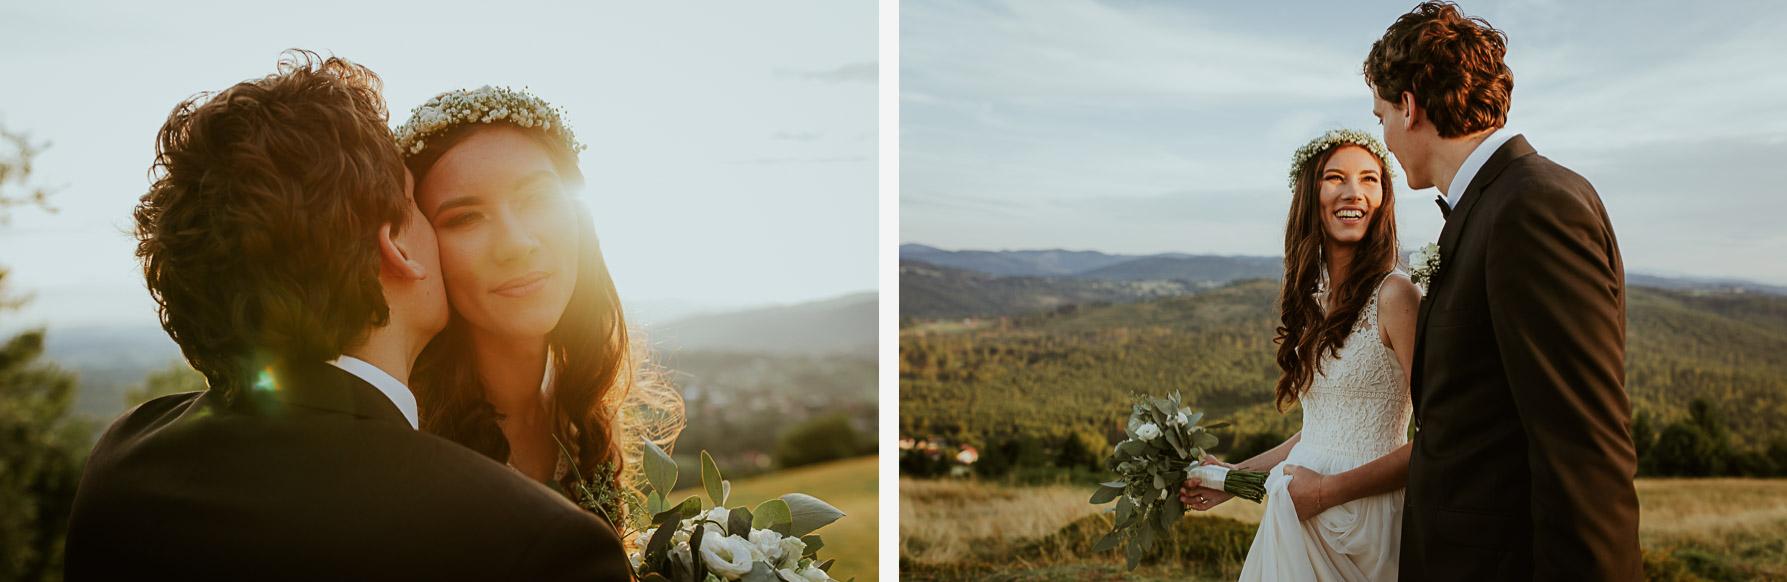 Sesja Ślubna w górach jesienią 175 a28